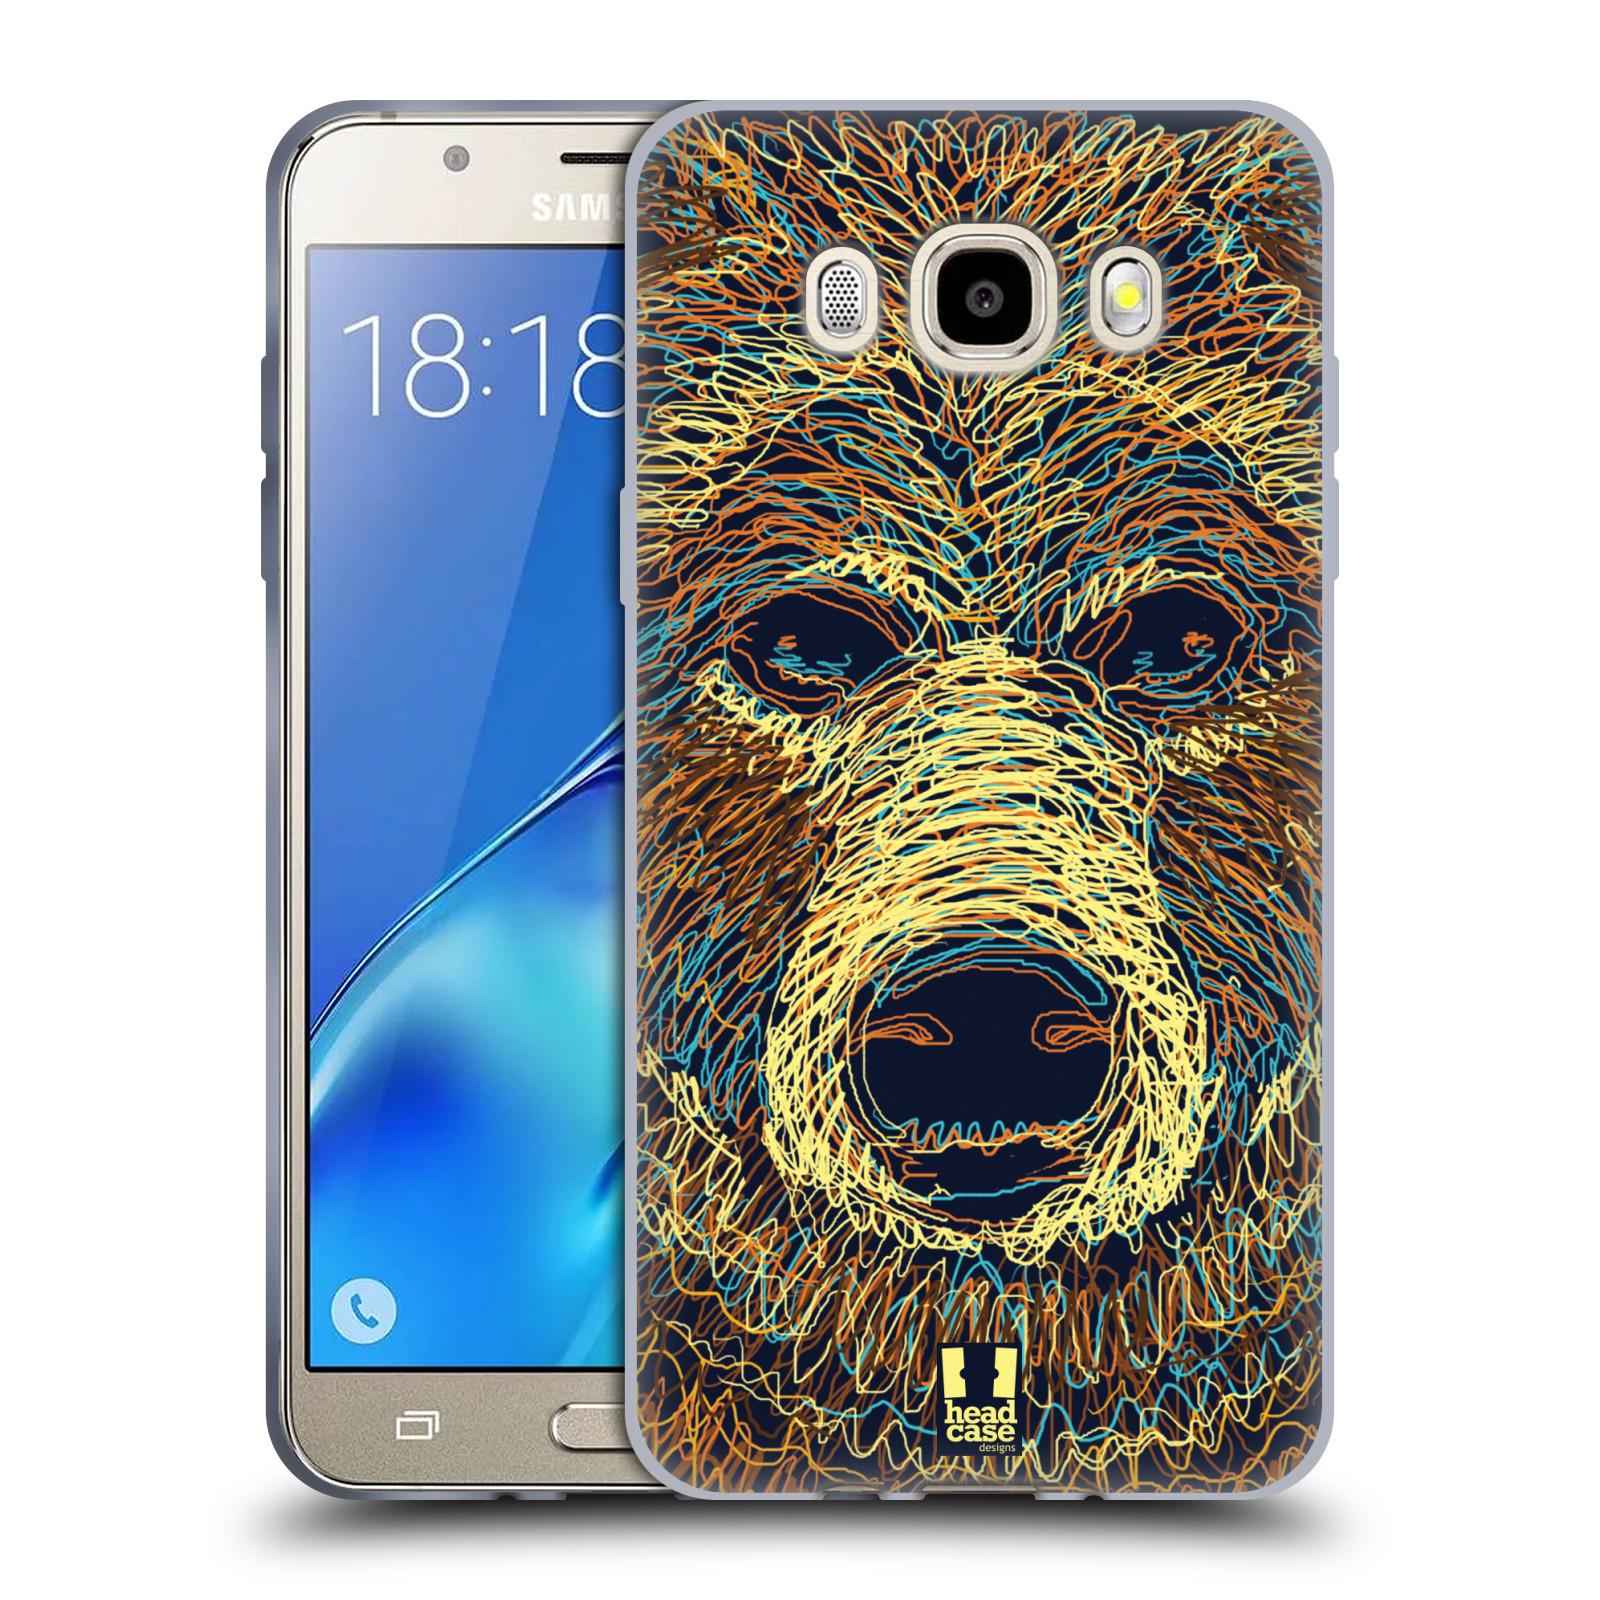 HEAD CASE silikonový obal, kryt na mobil Samsung Galaxy J5 2016, J510, J510F, (J510F DUAL SIM) vzor zvíře čmáranice medvěd